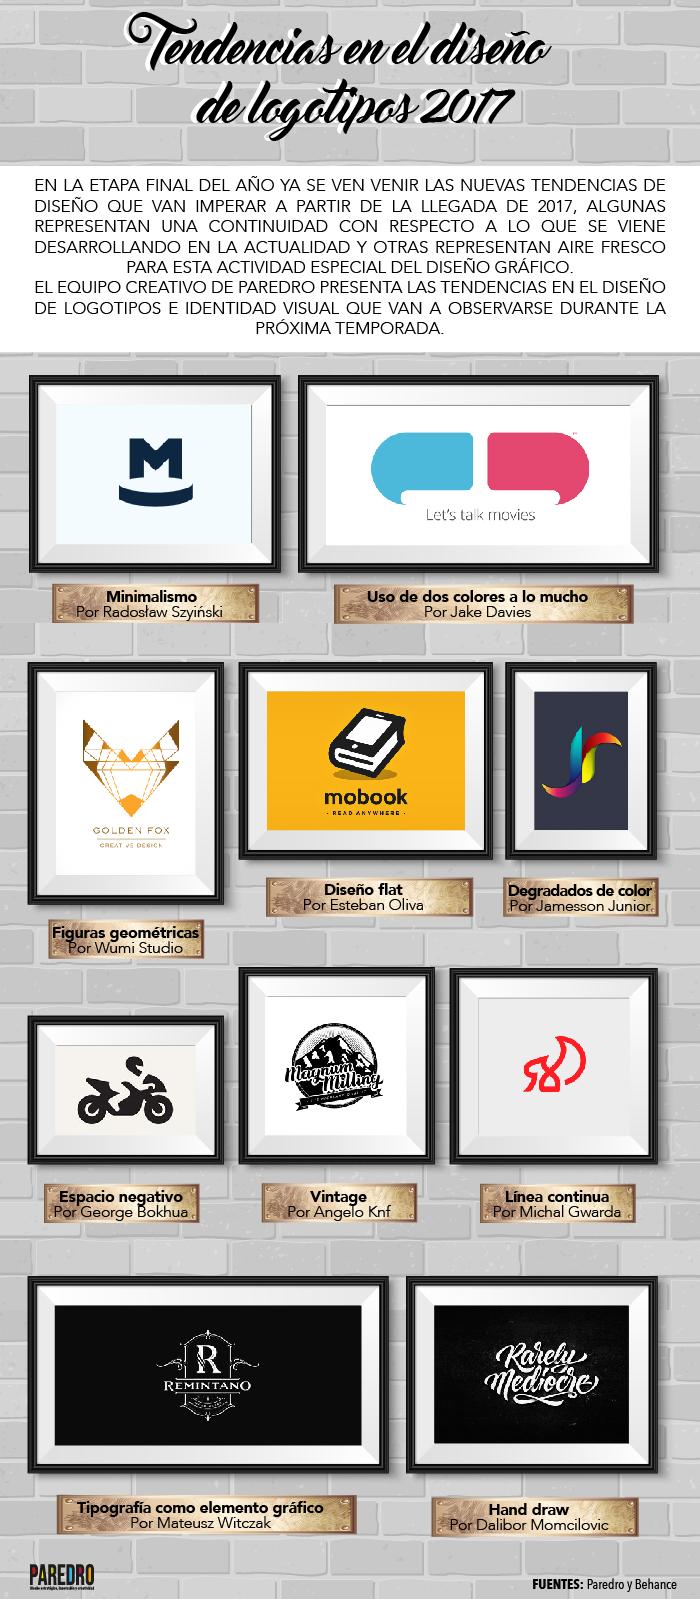 Tendencias en el diseño de logotipos 2017